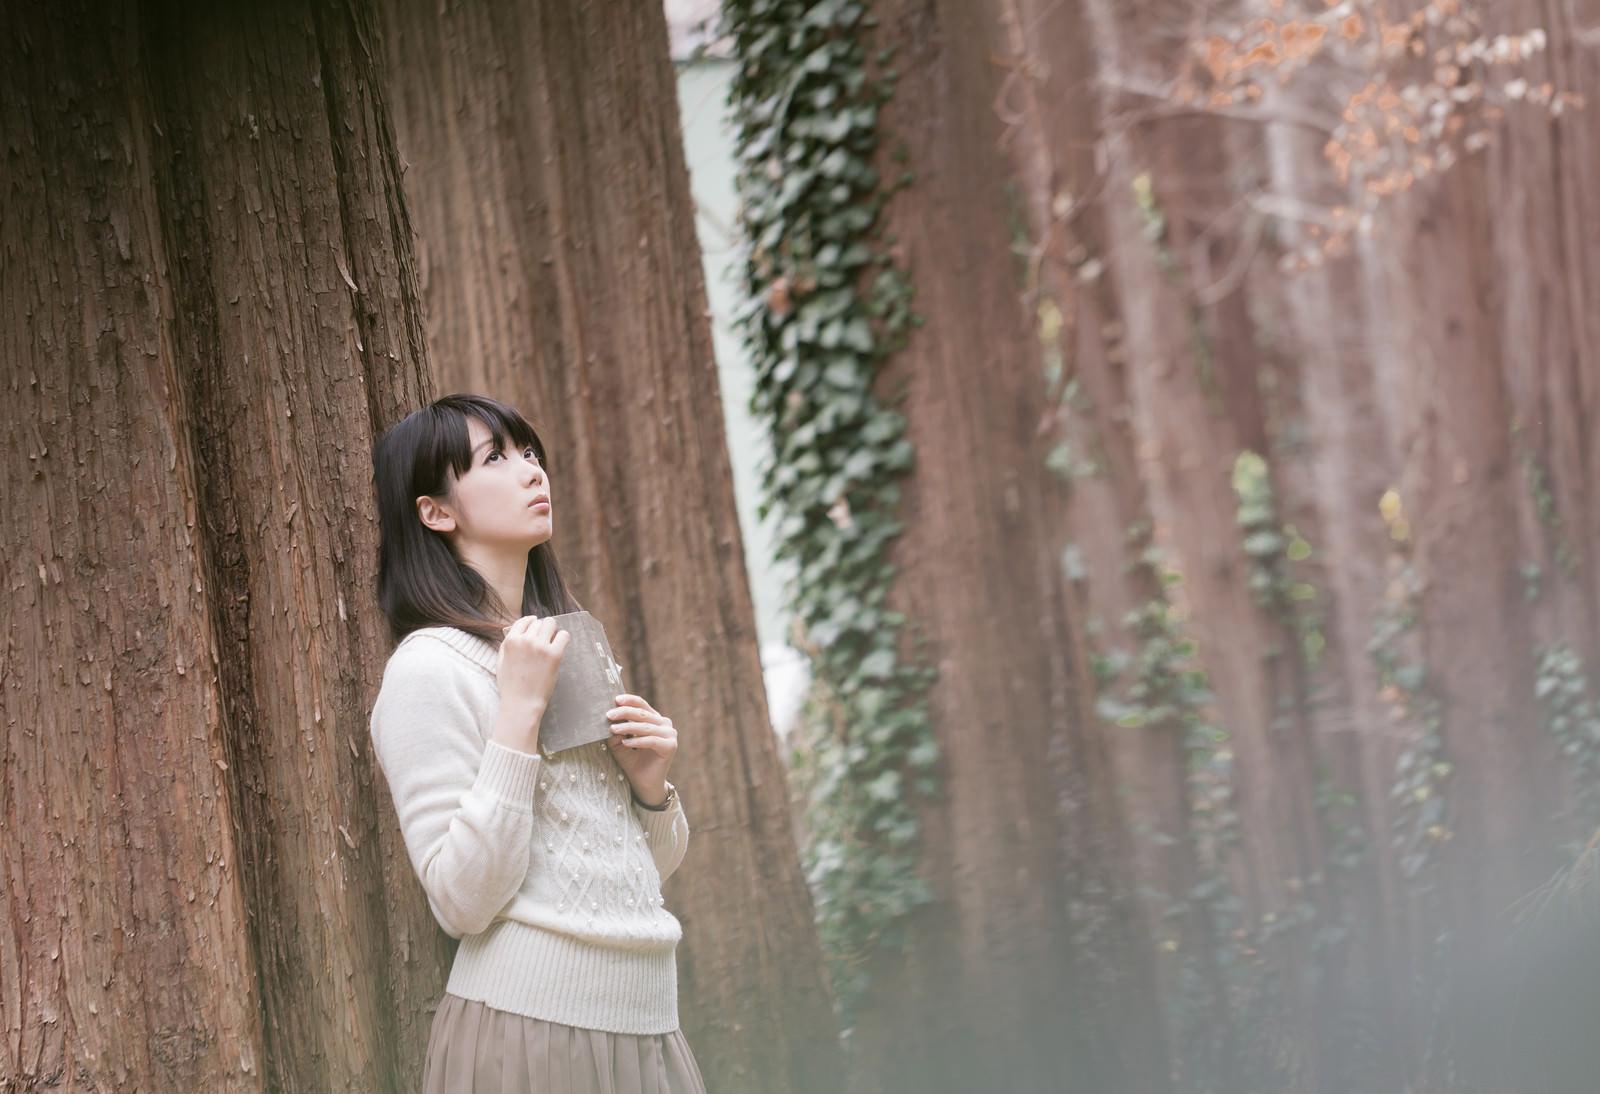 「森に迷い込んだ読書美女森に迷い込んだ読書美女」[モデル:白鳥片栗粉]のフリー写真素材を拡大